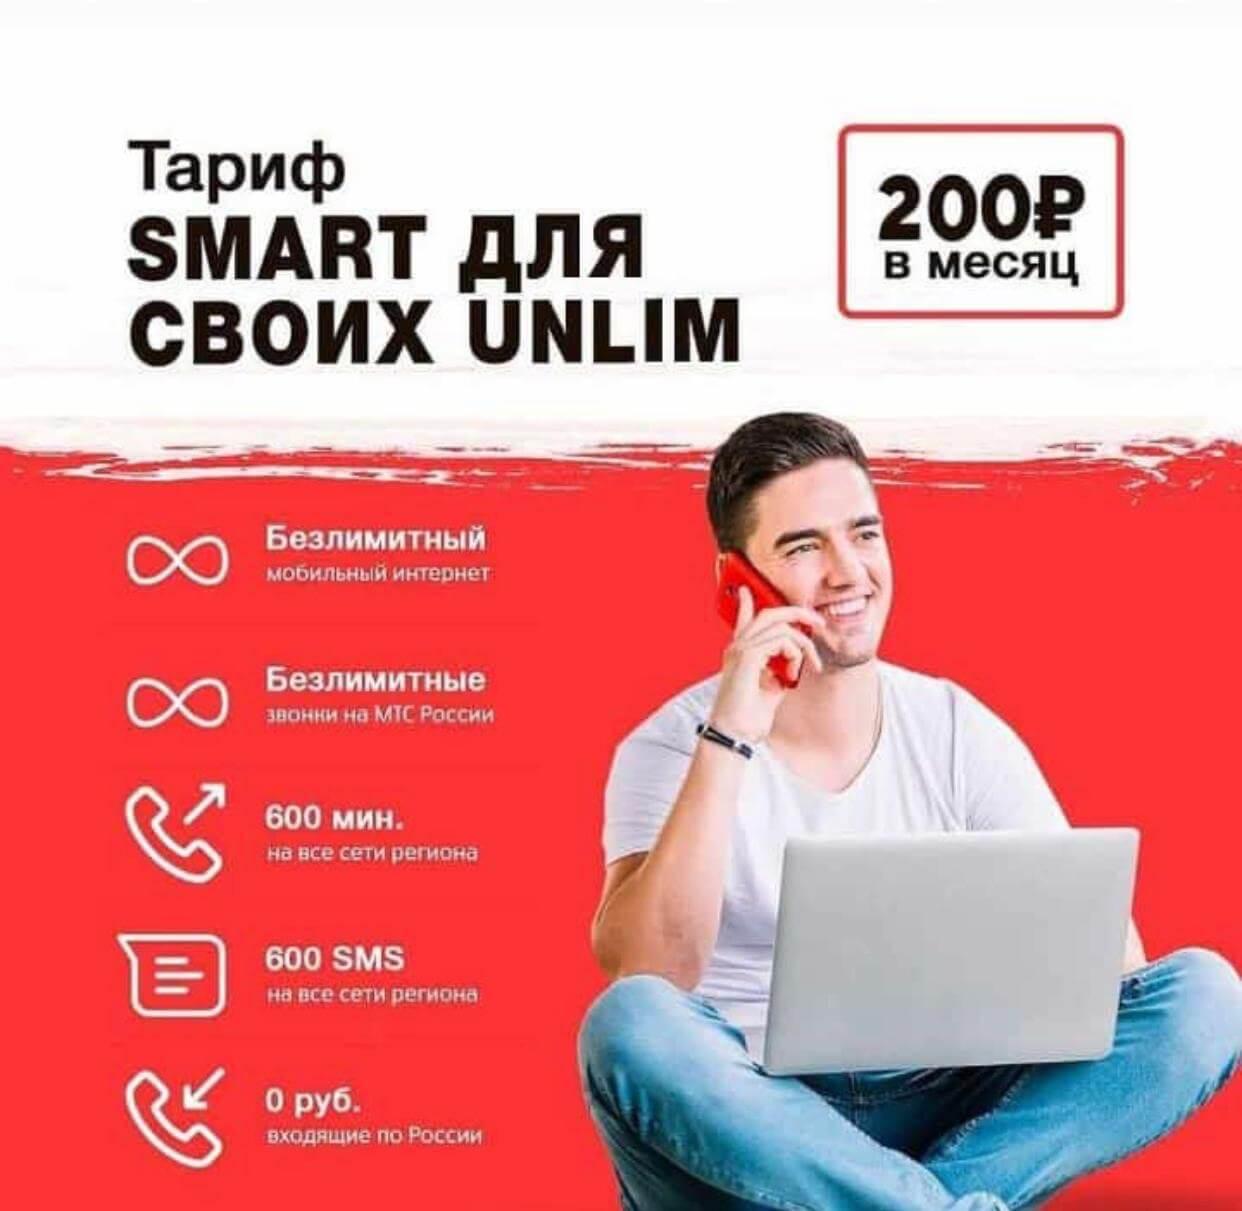 Приятный Бонус У Данного Тарифа- Это Бесплатные Первые 500 Минут Разговора В Месяц Безлимитный Интернет За 100 Рублей В Месяц Билайн